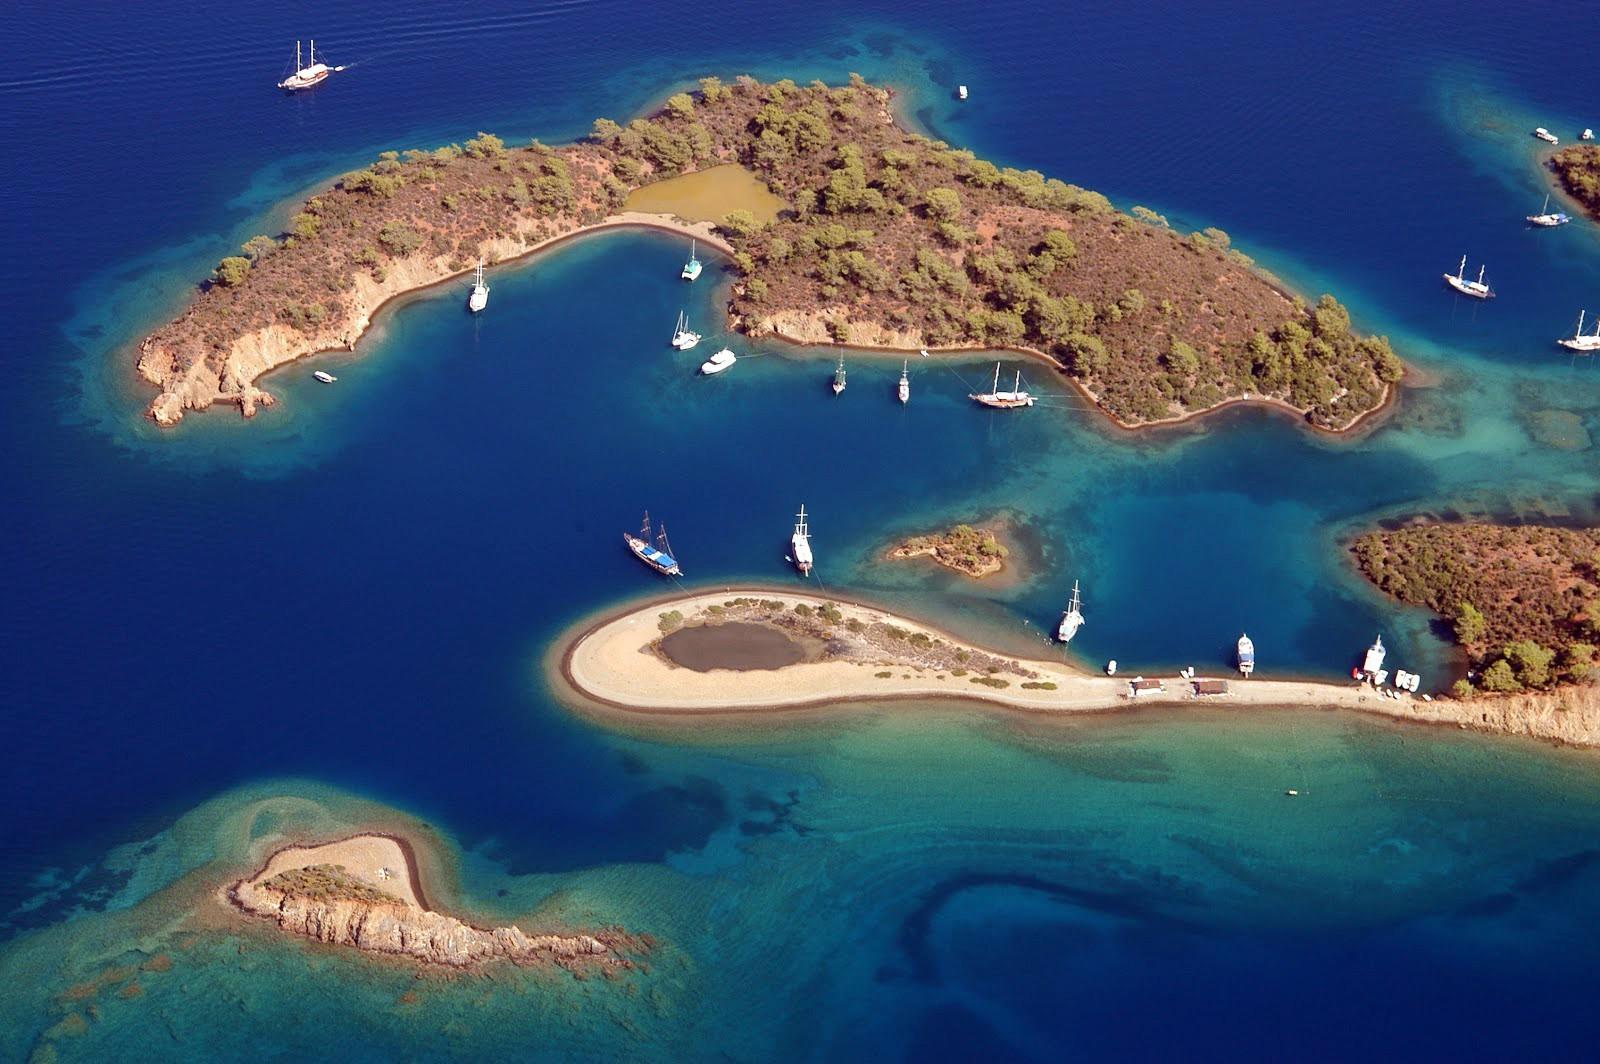 yassicalar island Gocek